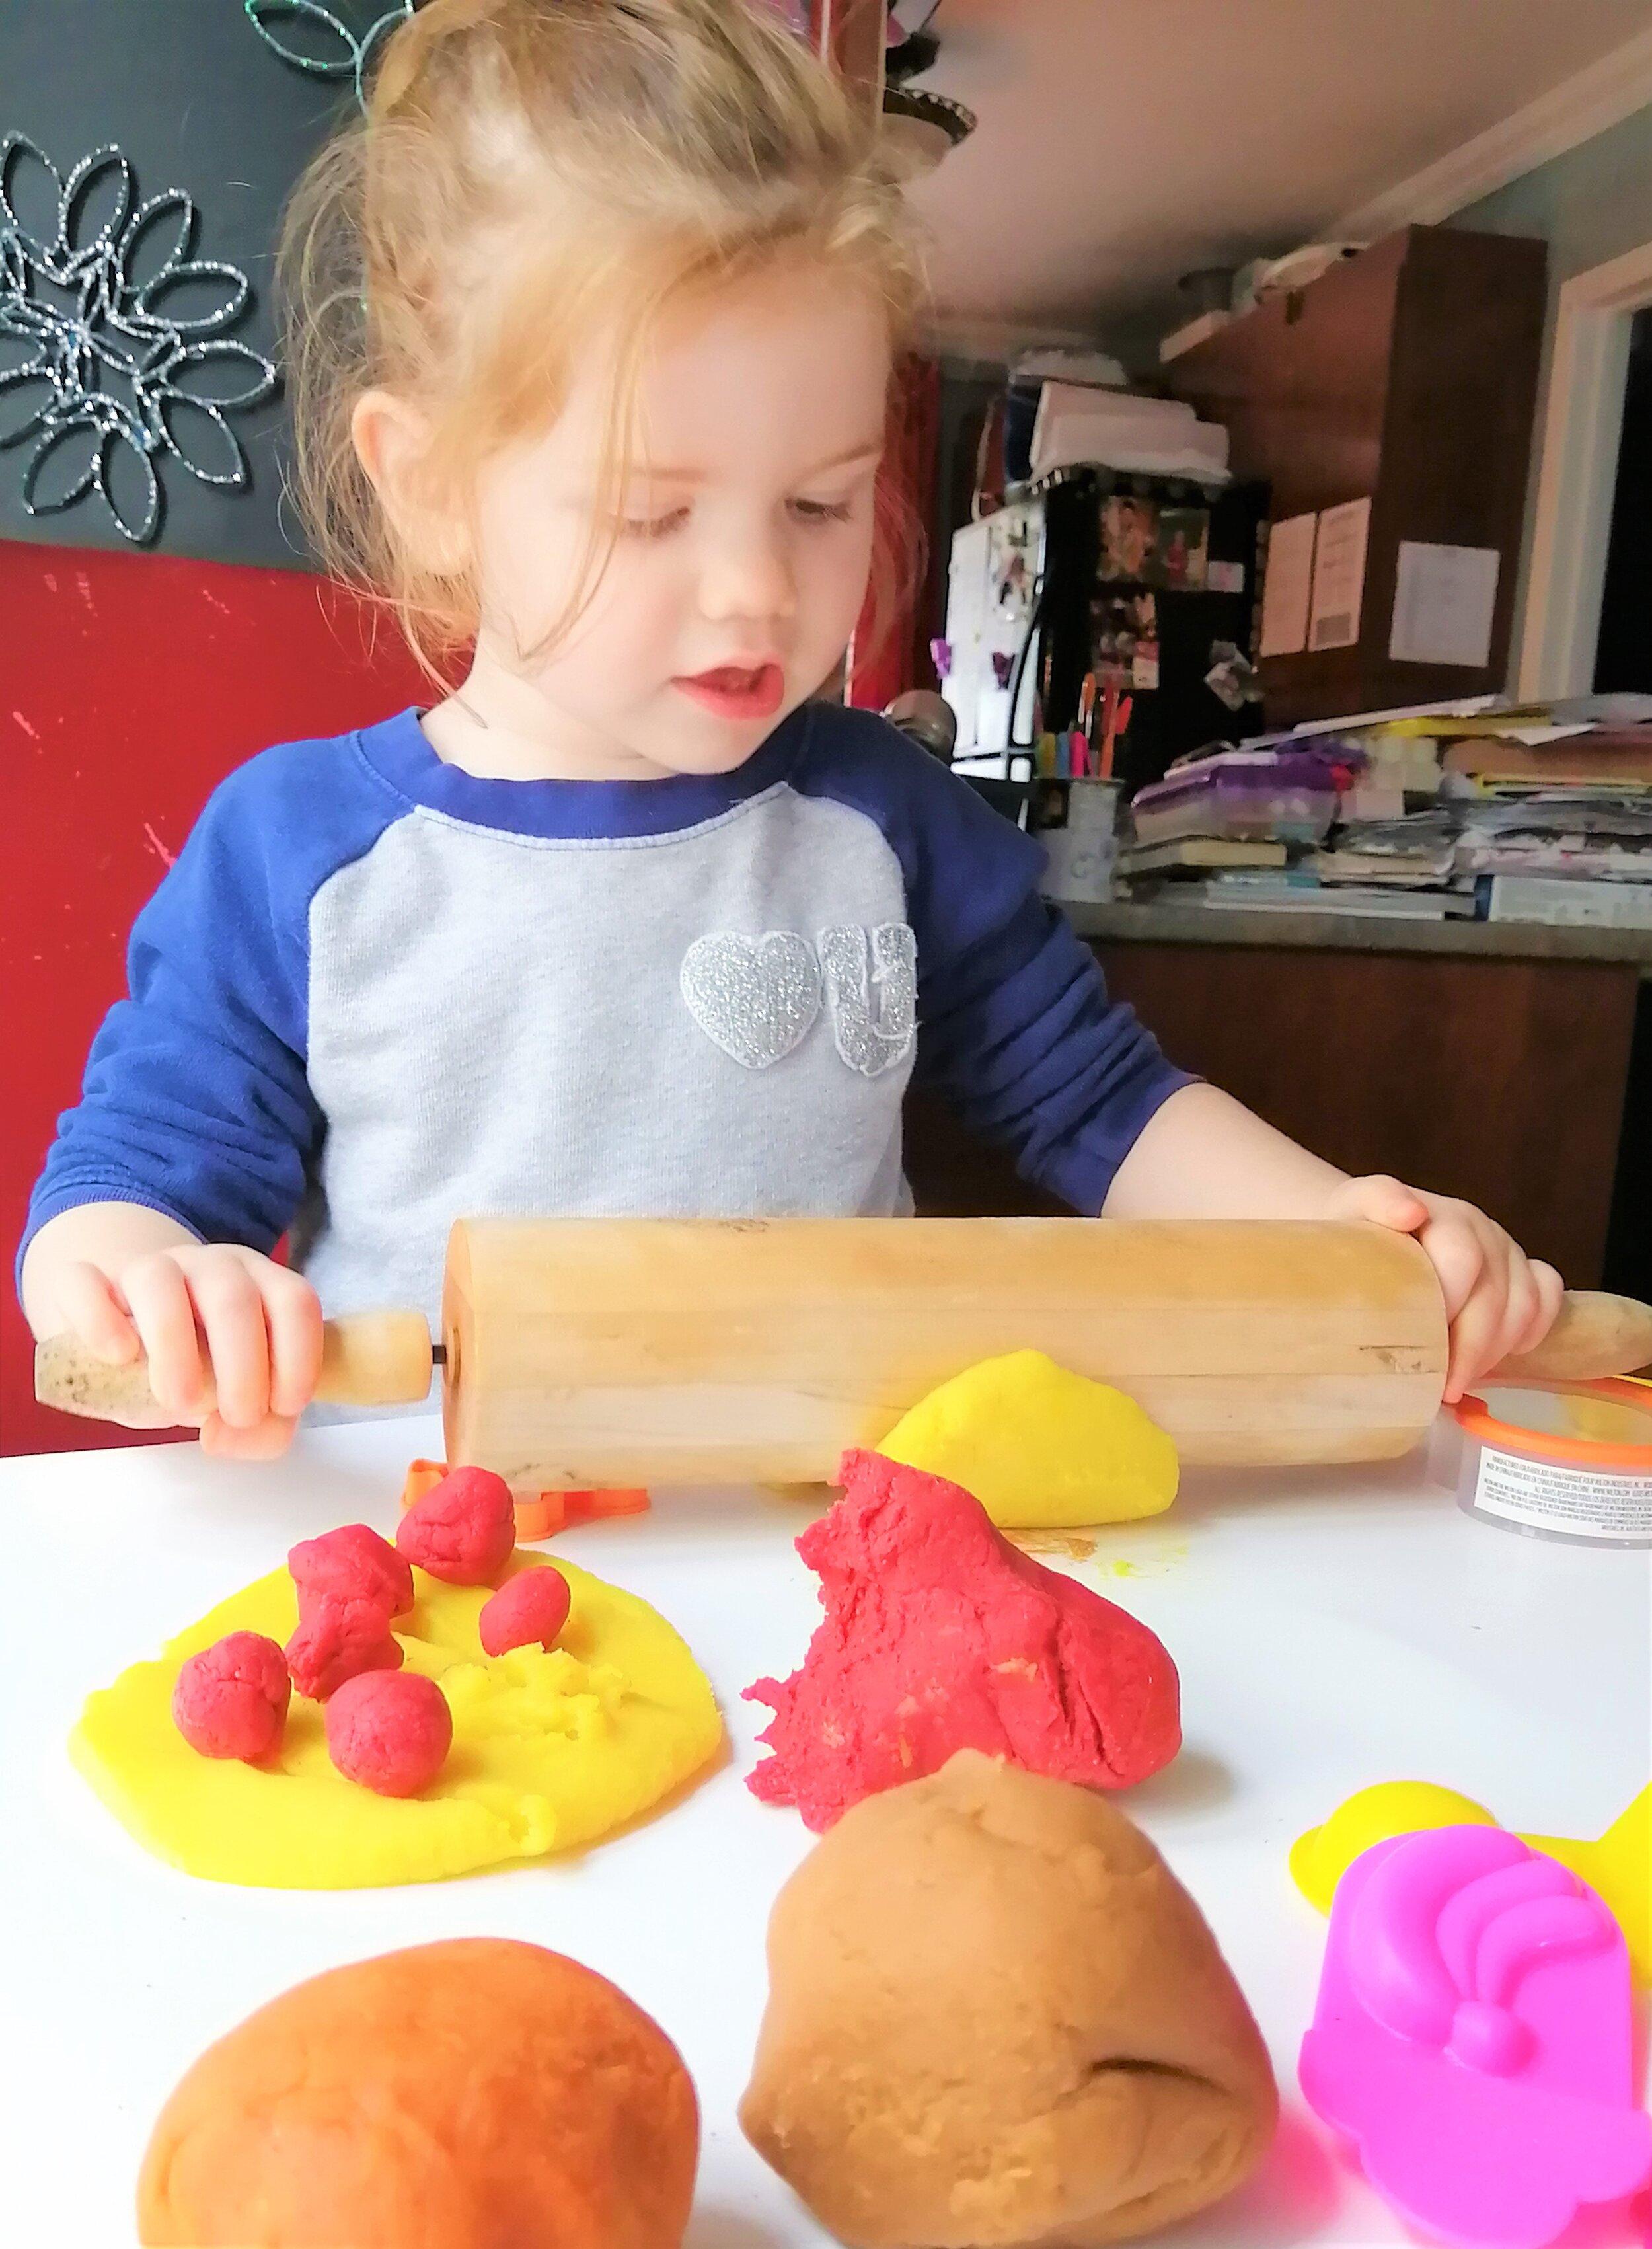 pâte-à-modeler-saveurs-automne-senteur-vanille-citrouille-épice-érable